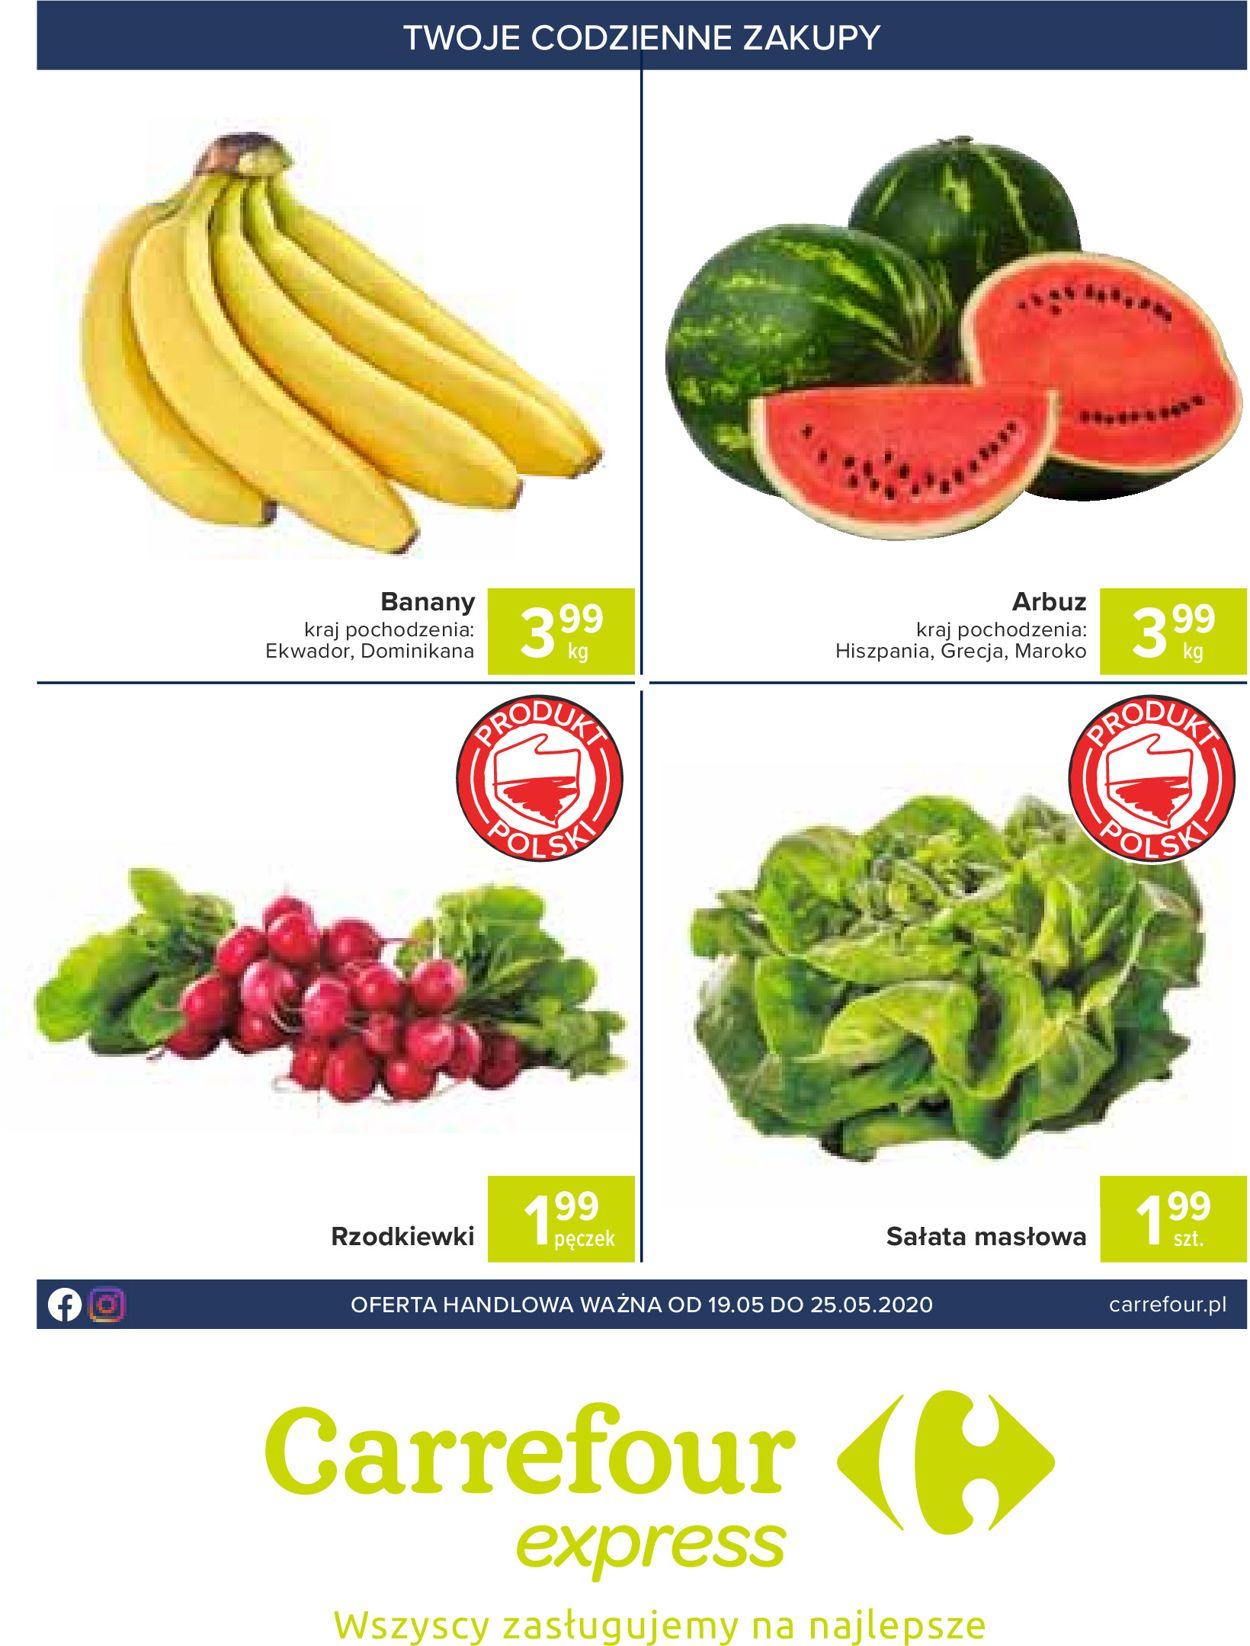 Gazetka promocyjna Carrefour - 19.05-25.05.2020